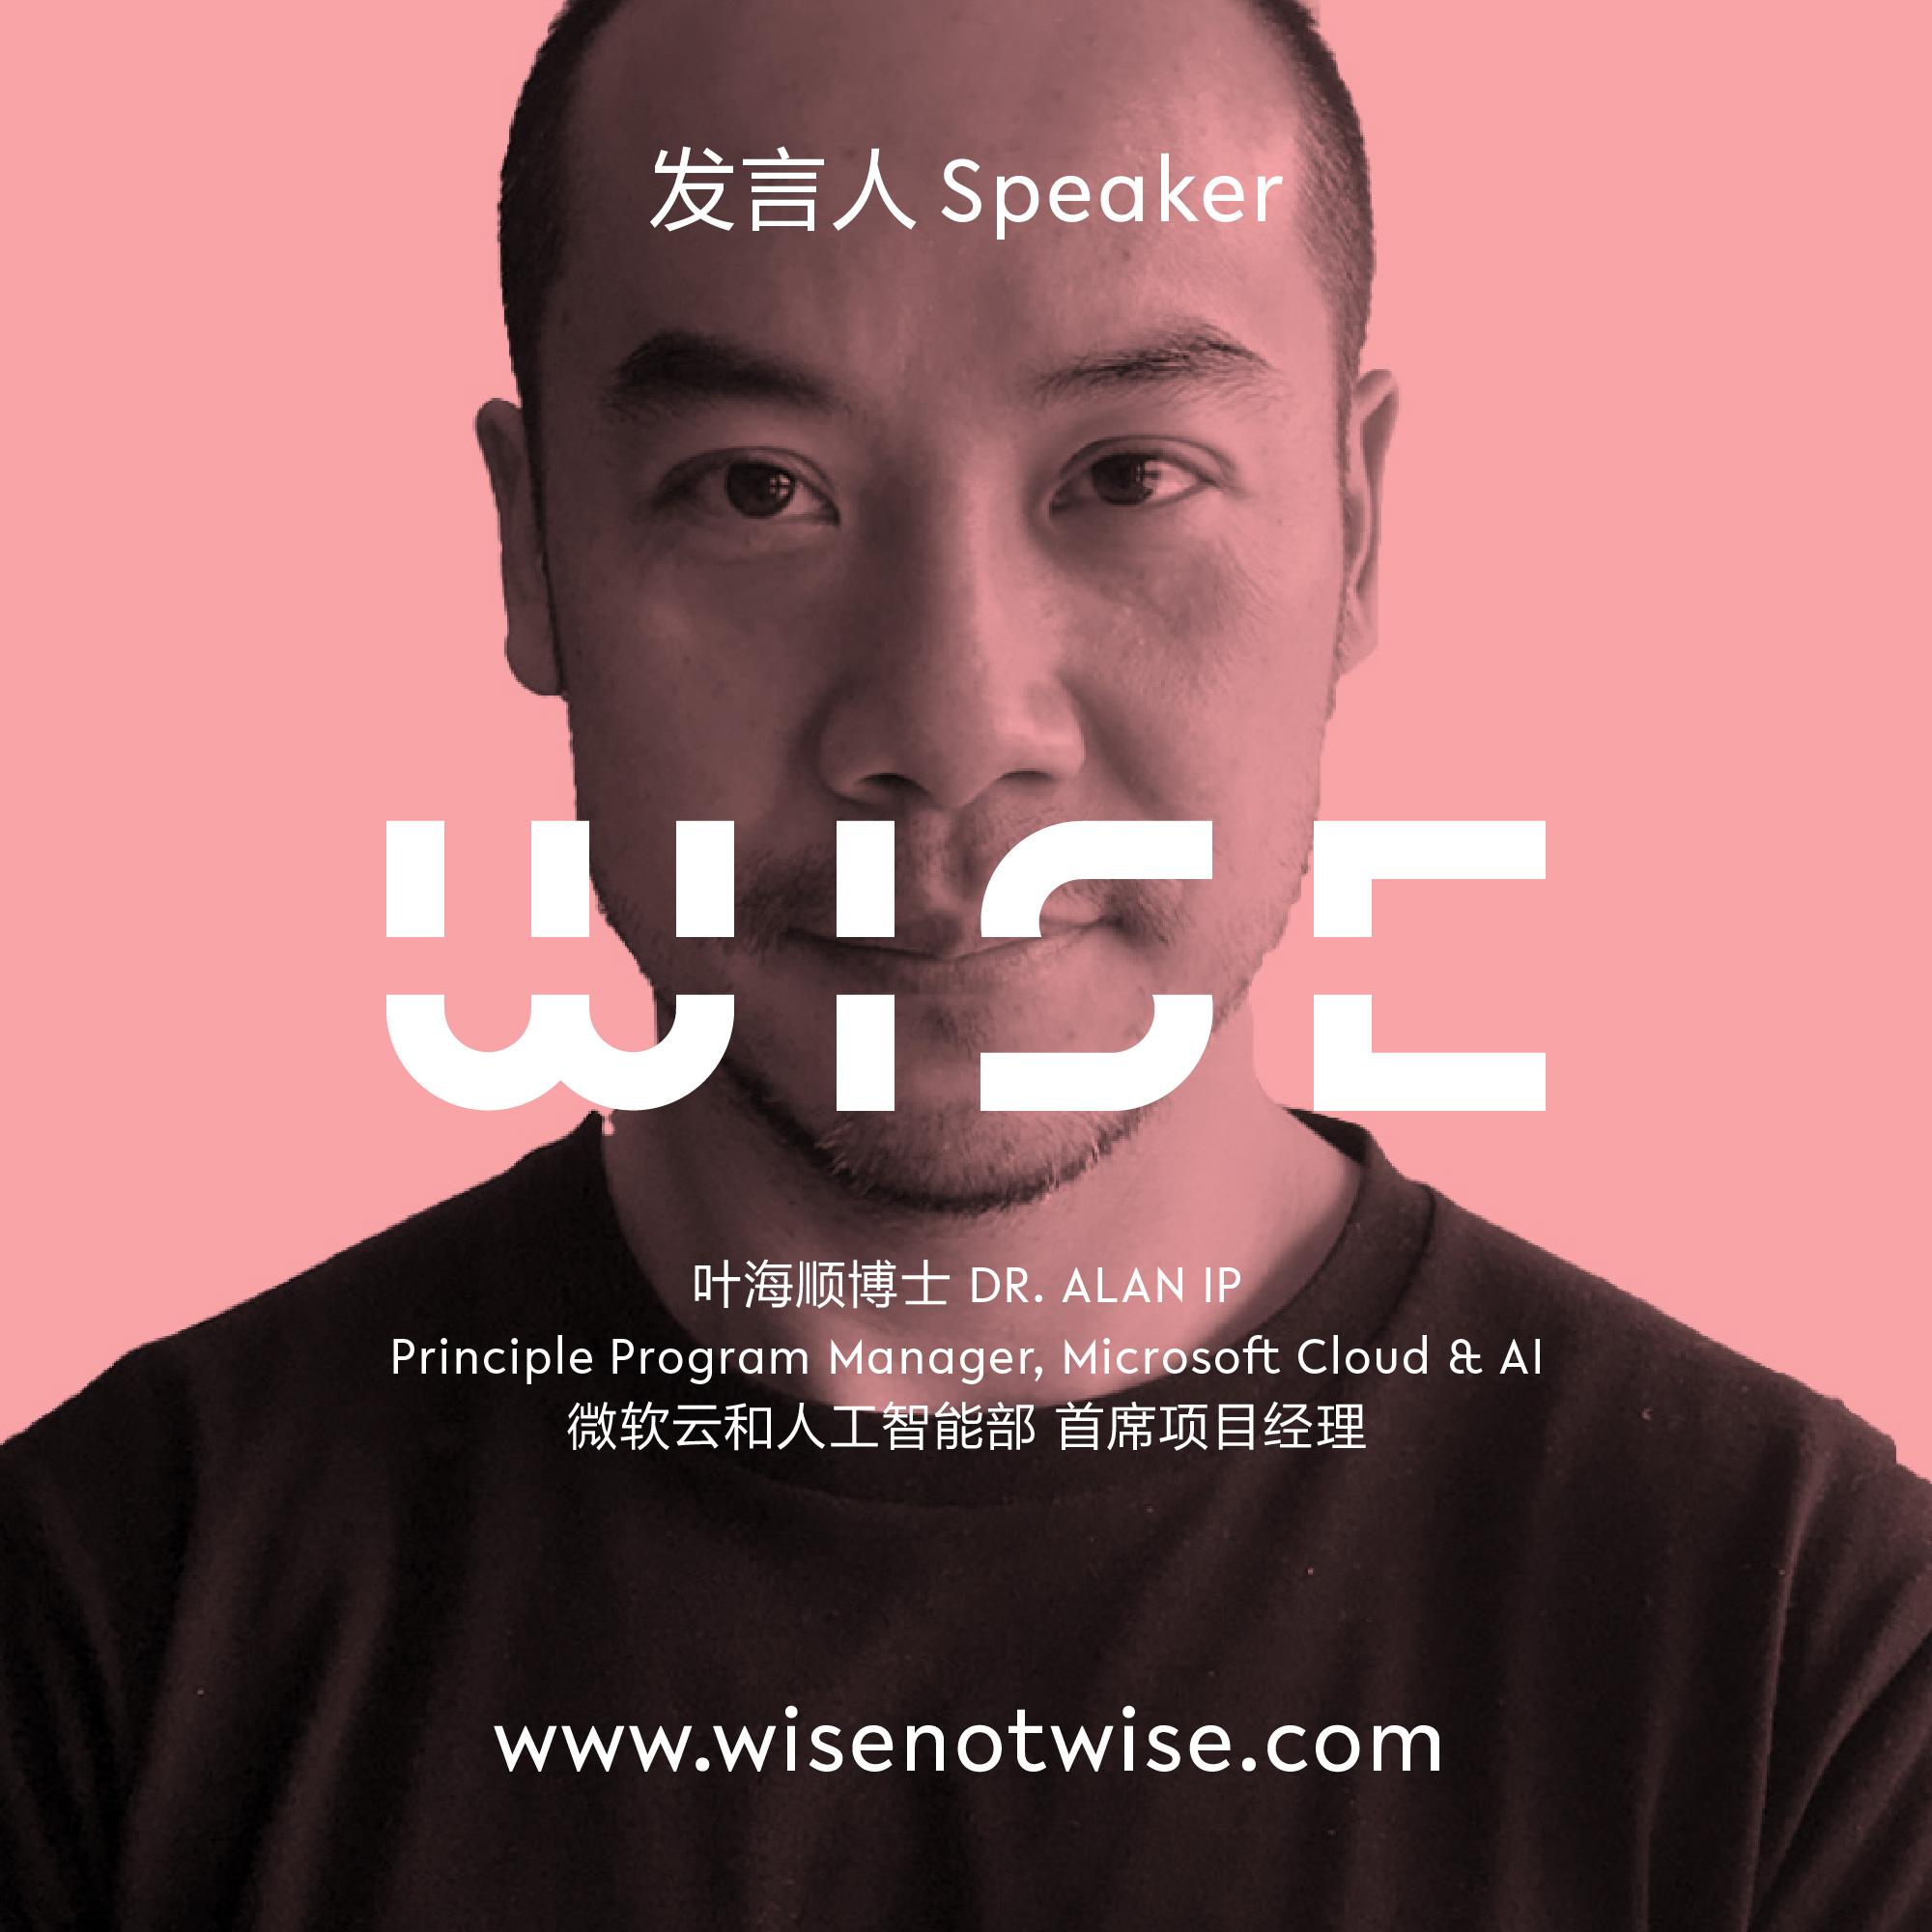 叶海顺博士, 微软云和人工智能部 首席项目经理